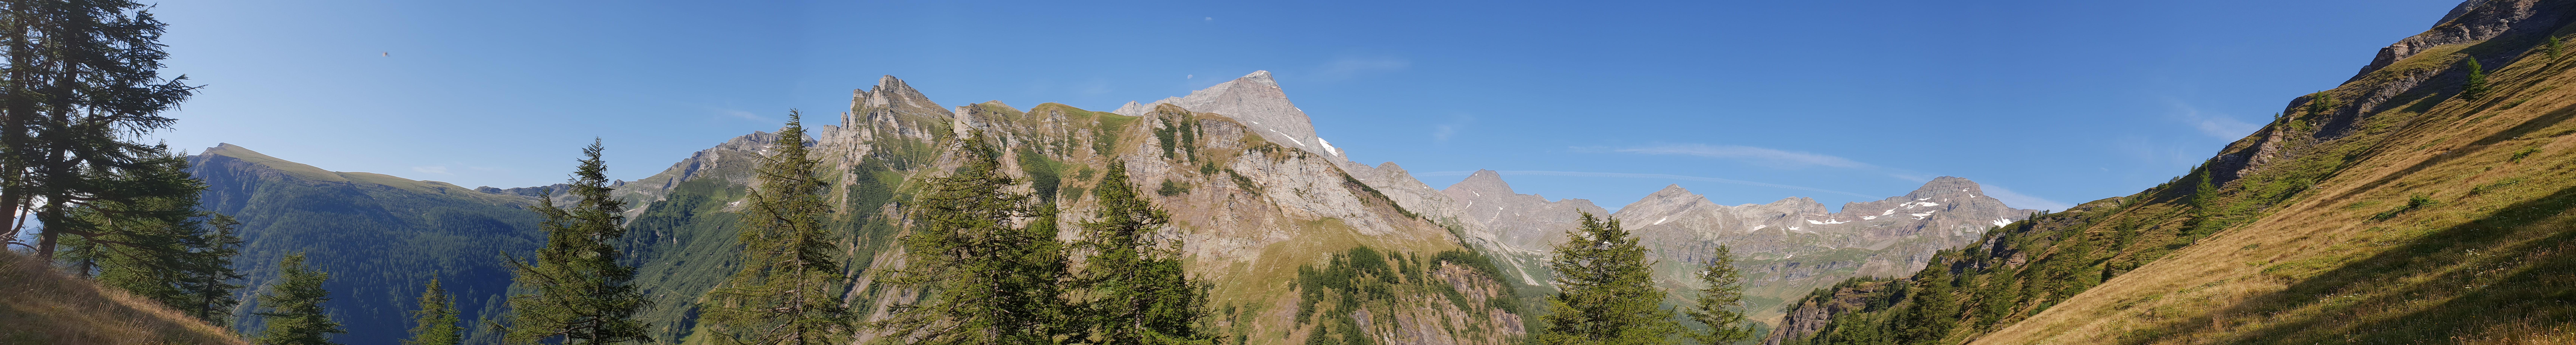 Dall'estrema sinistra: il Teggiolo, la Punta Valgrande di Vallè, il Leone, il Terrarossa e ultimo a destra, il Rebbio